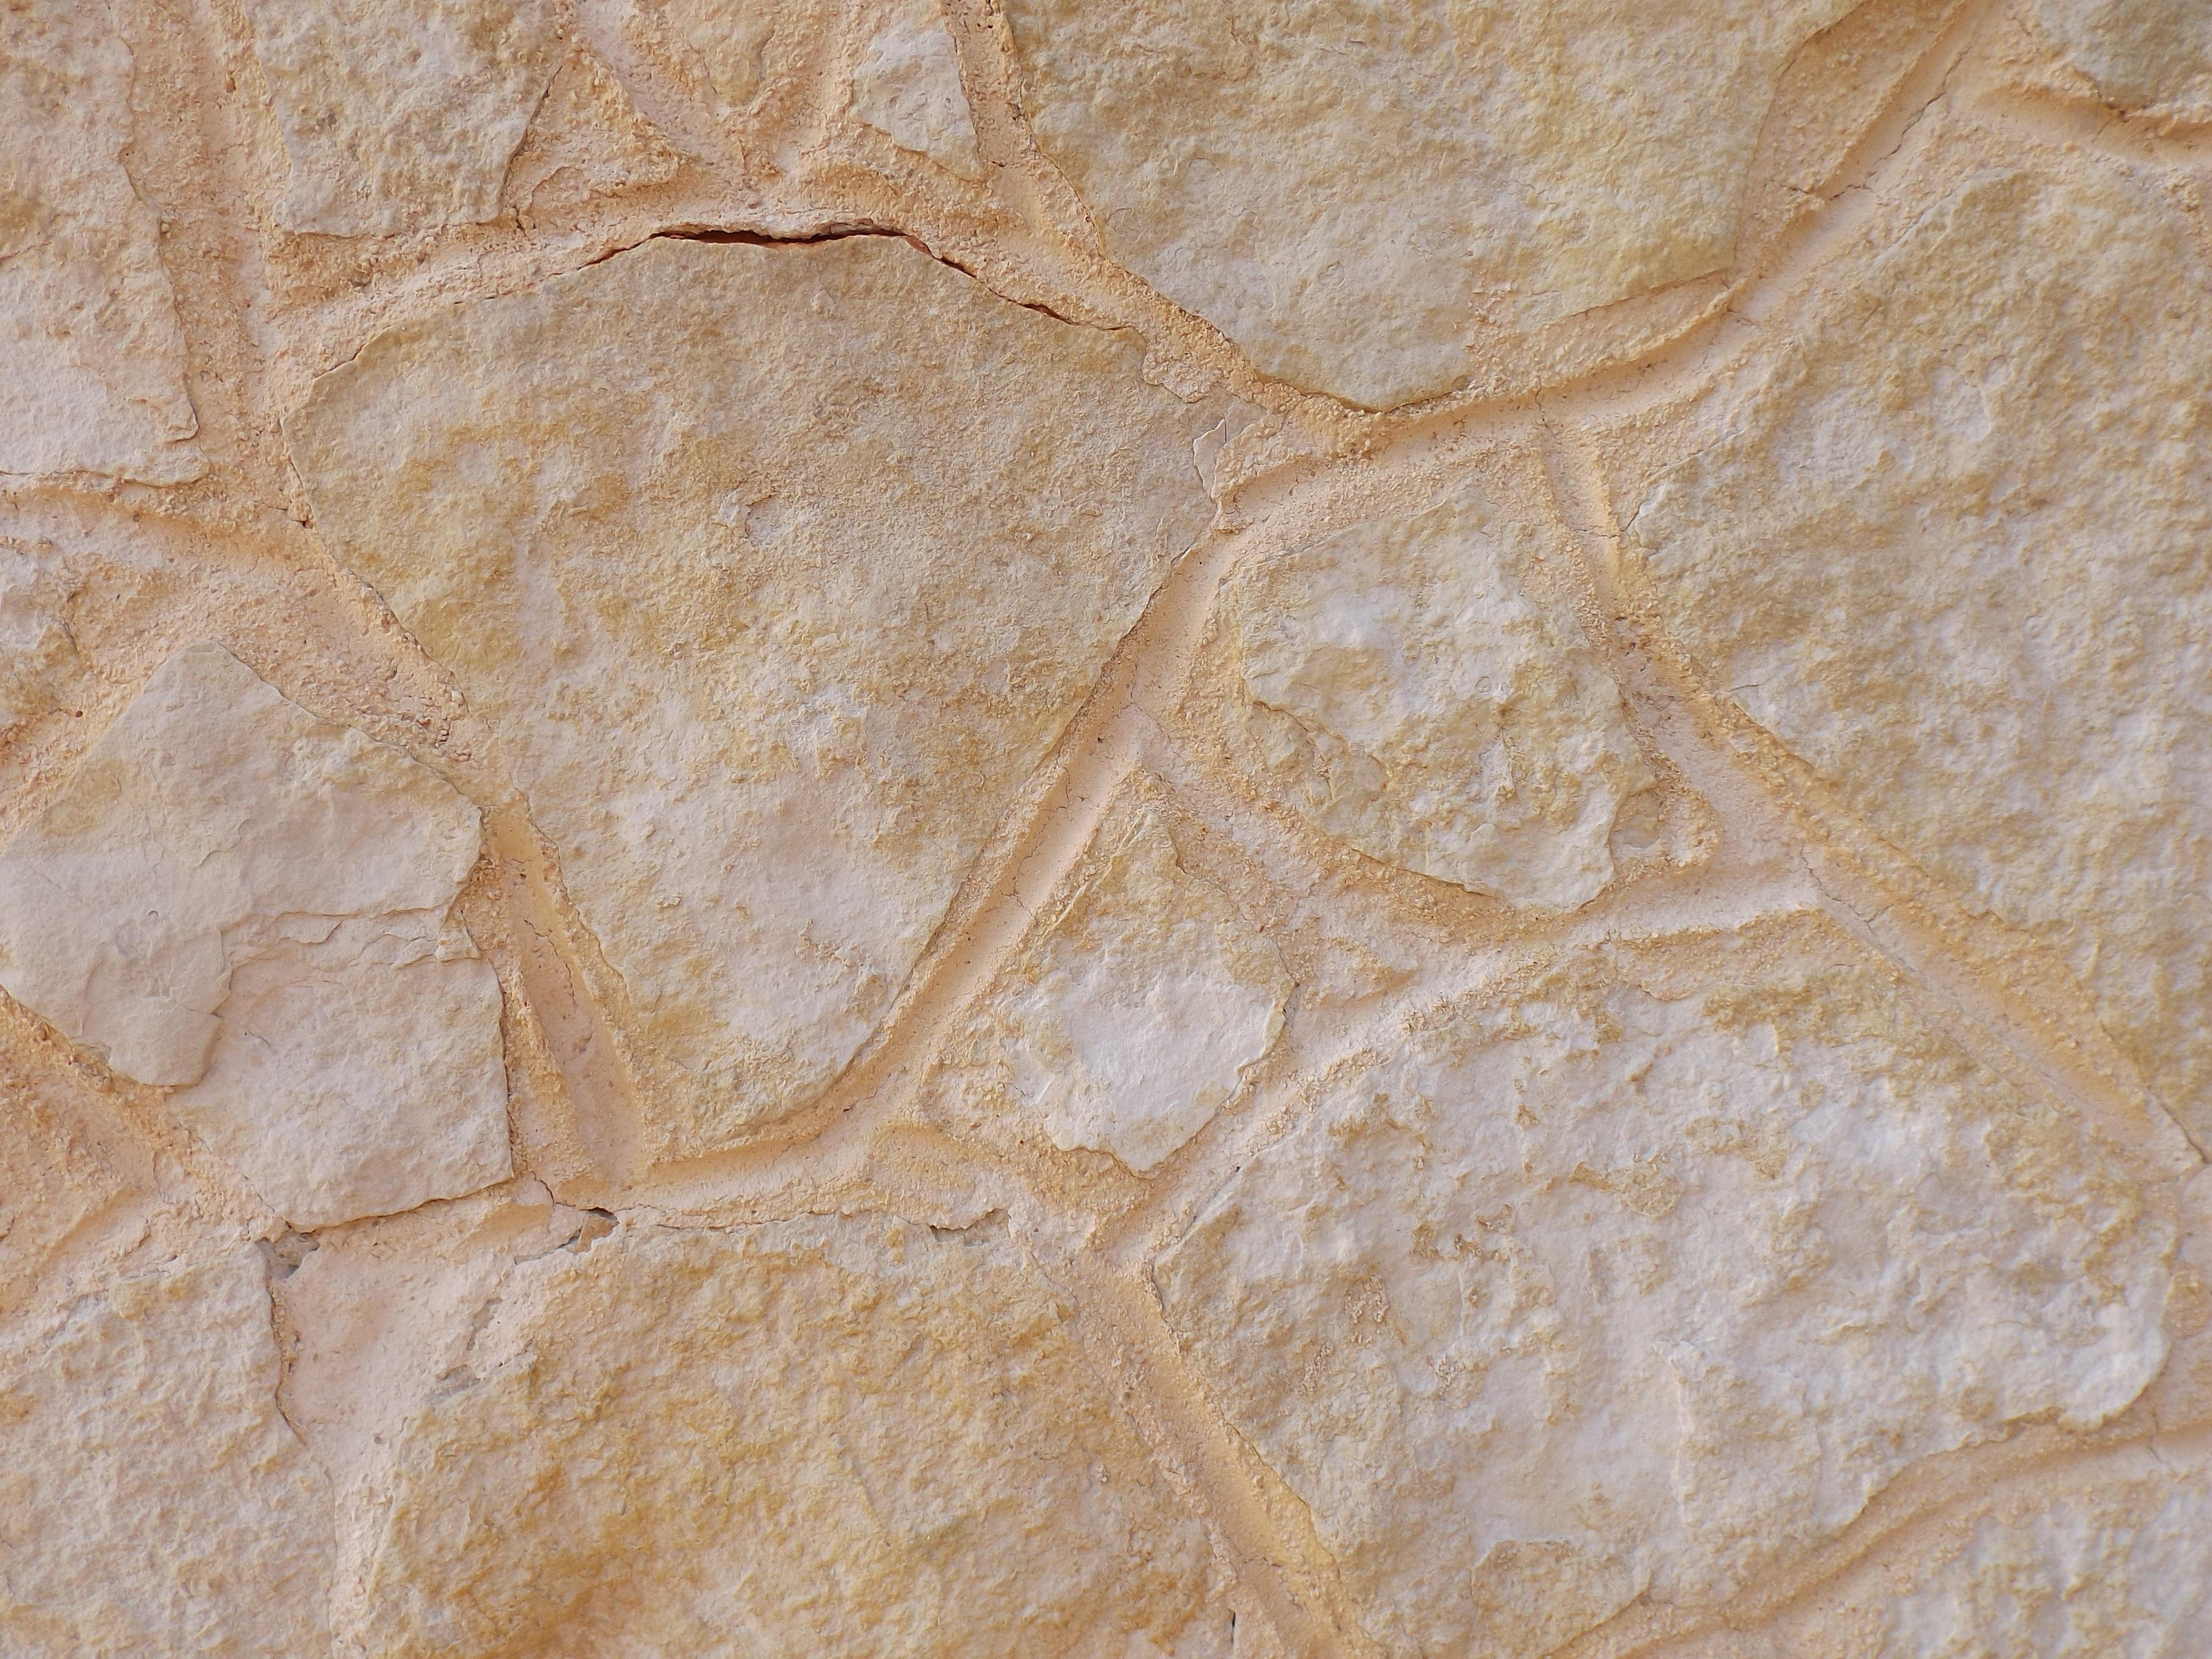 Fotos Gratis Naturaleza Rock Textura Piso Piedra